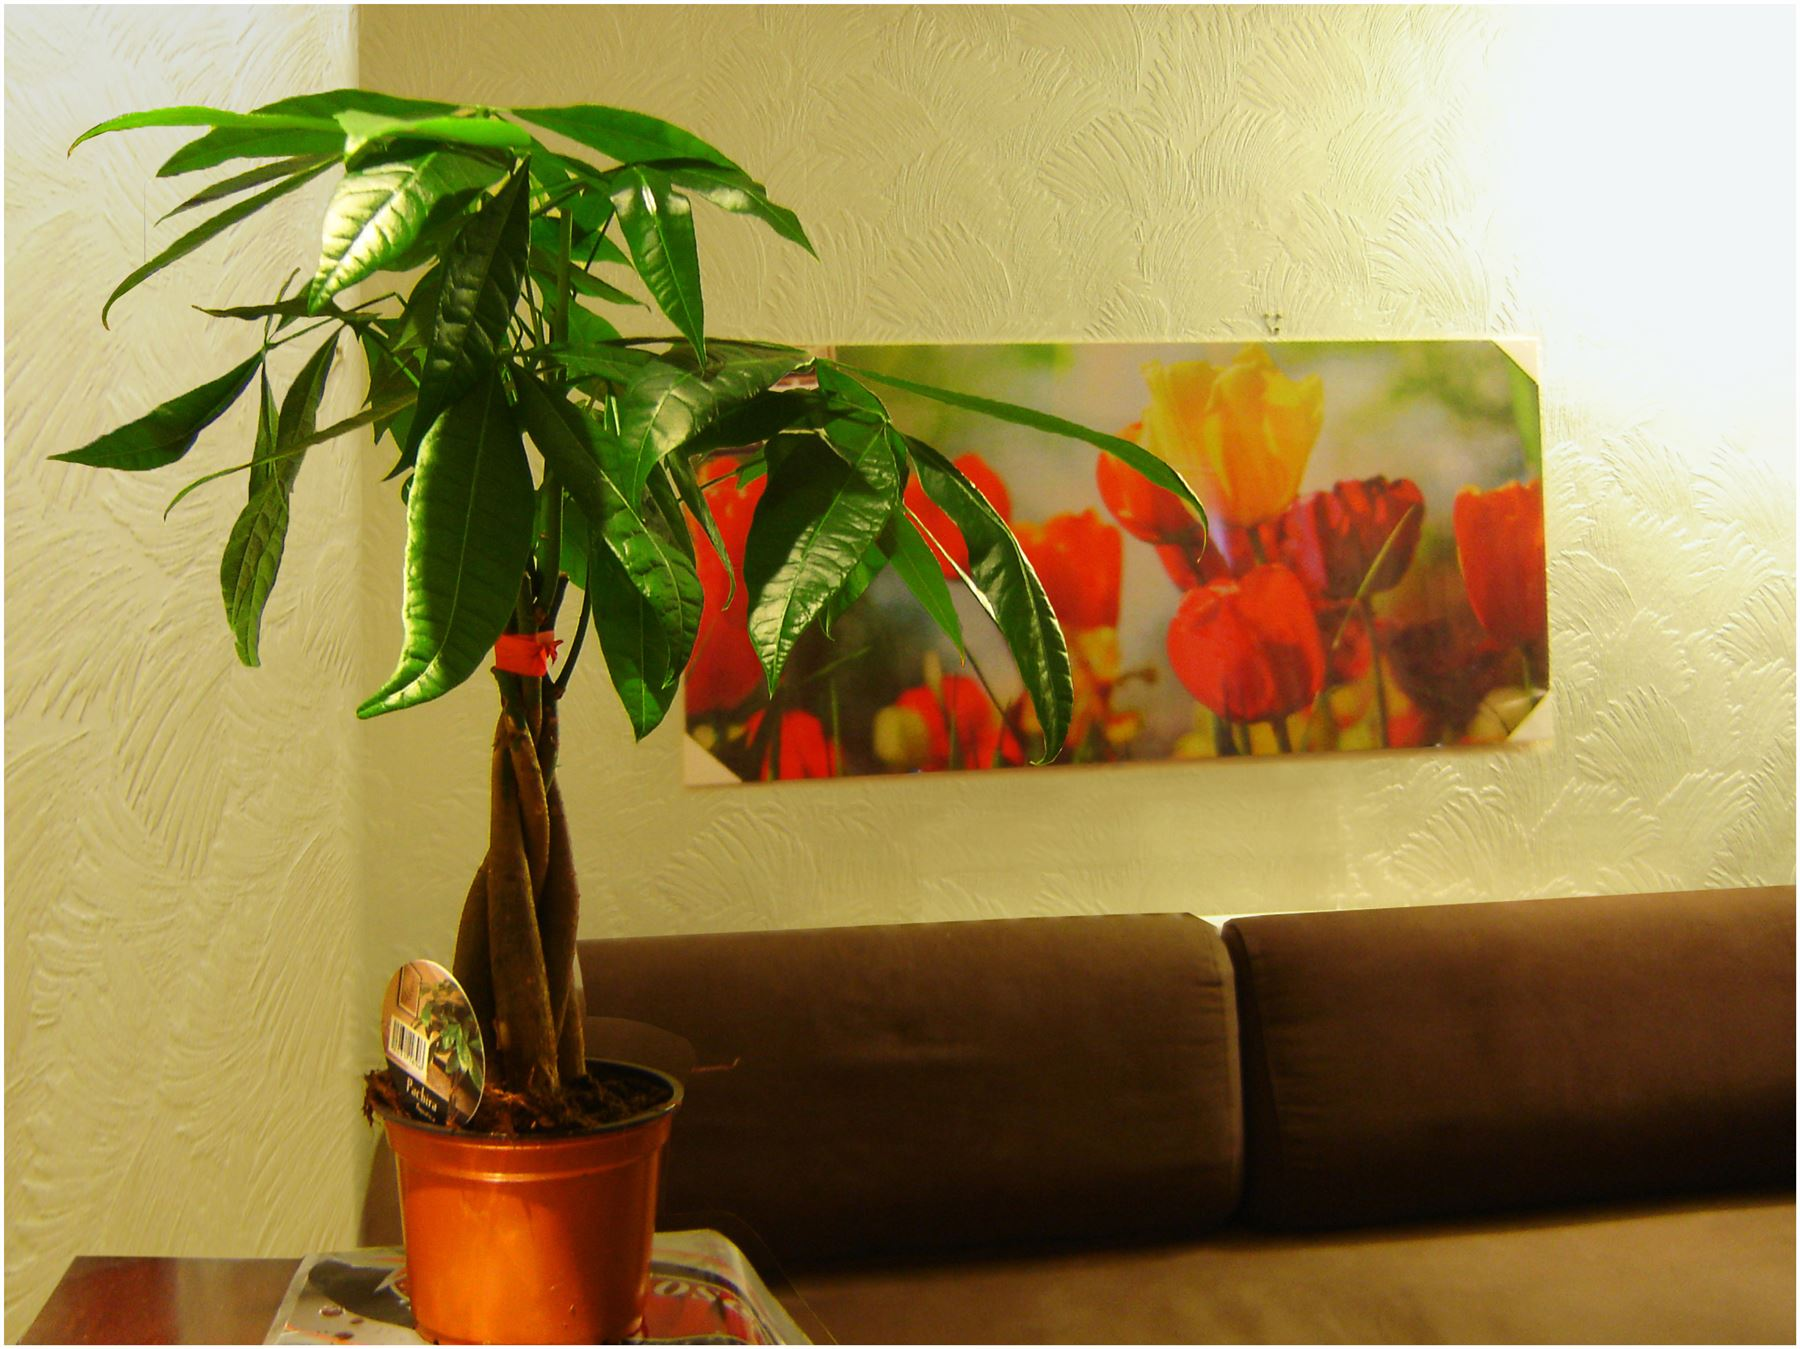 Piante Ufficio Ossigeno : Pot of tabella delle piante da interno casa ufficio giardino